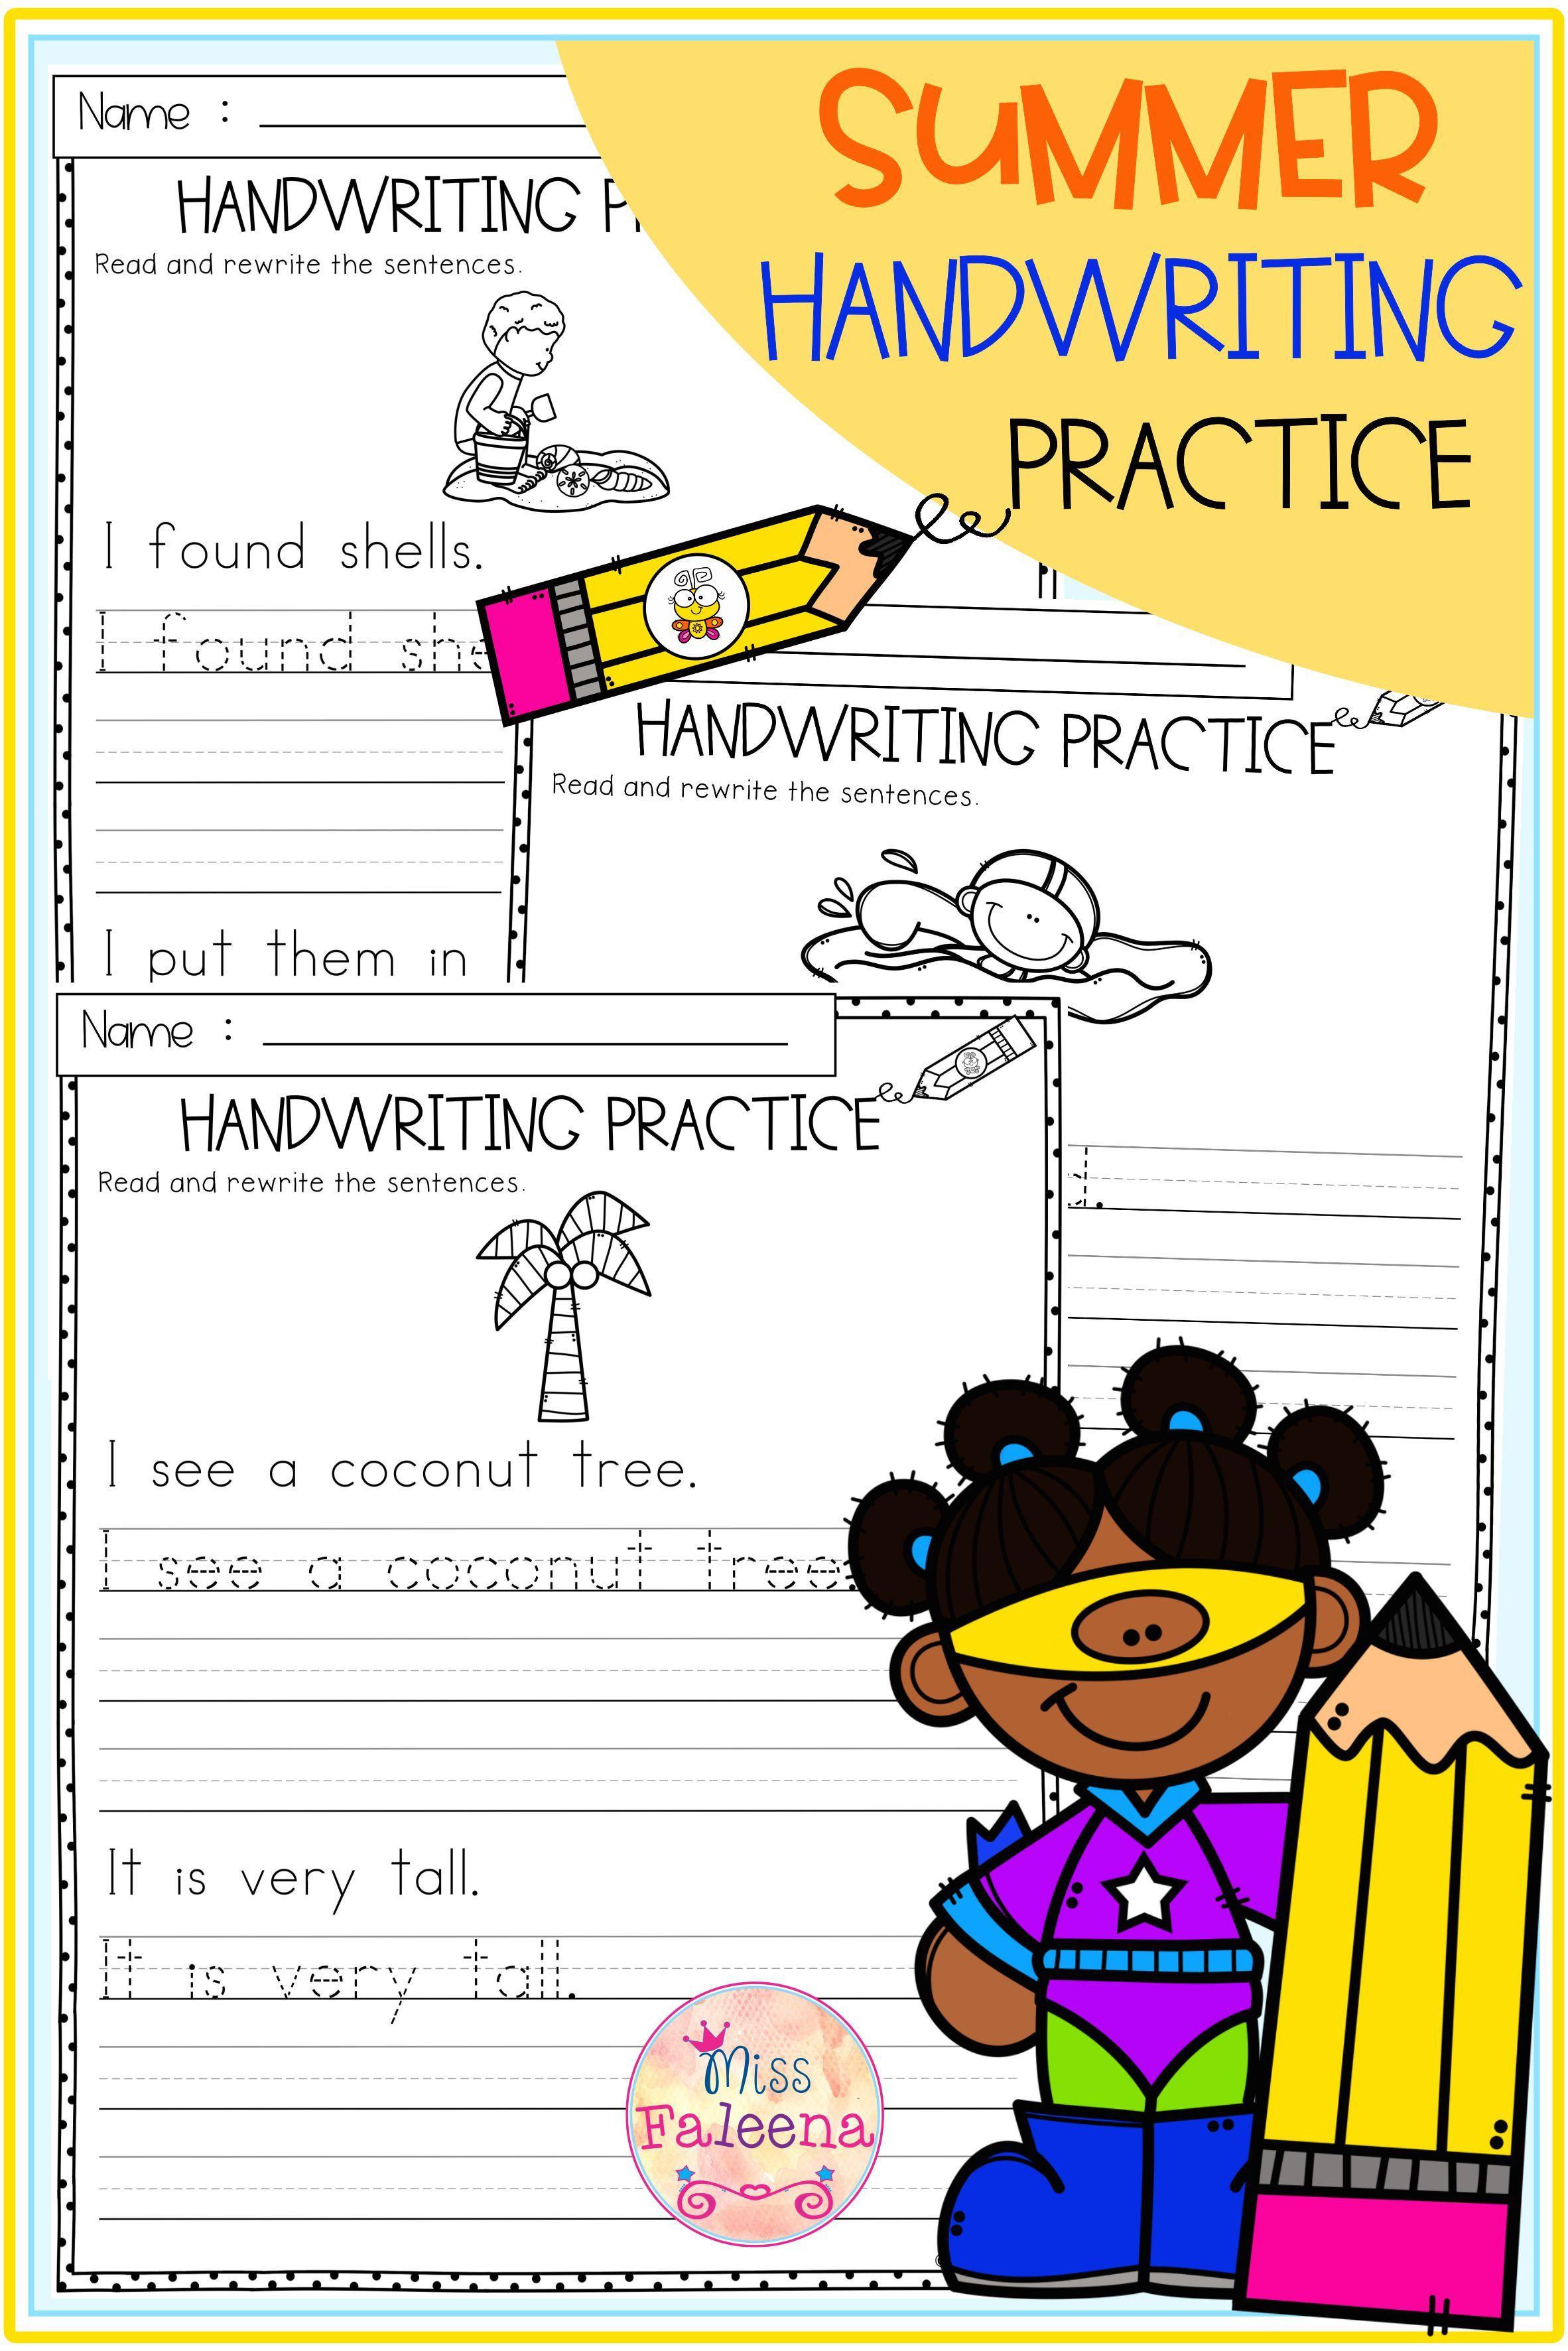 Summer Handwriting Practice In